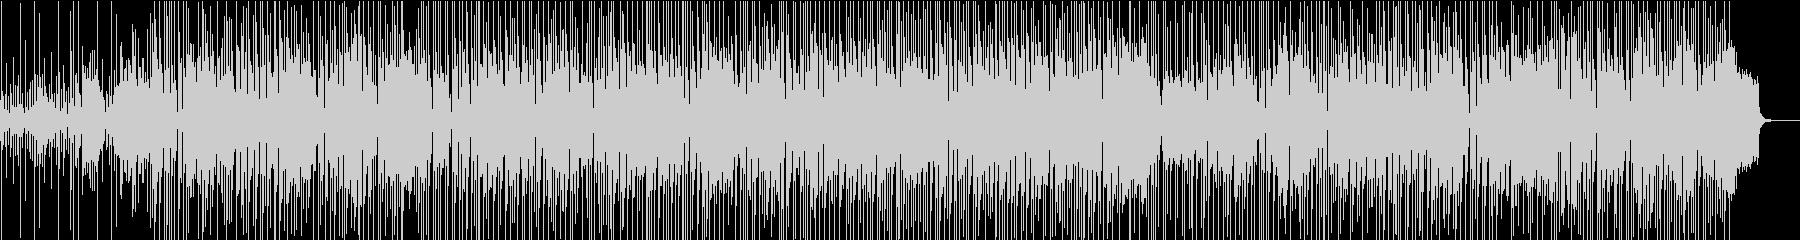 英詞、気ままなライダーのハッピーライフ!の未再生の波形